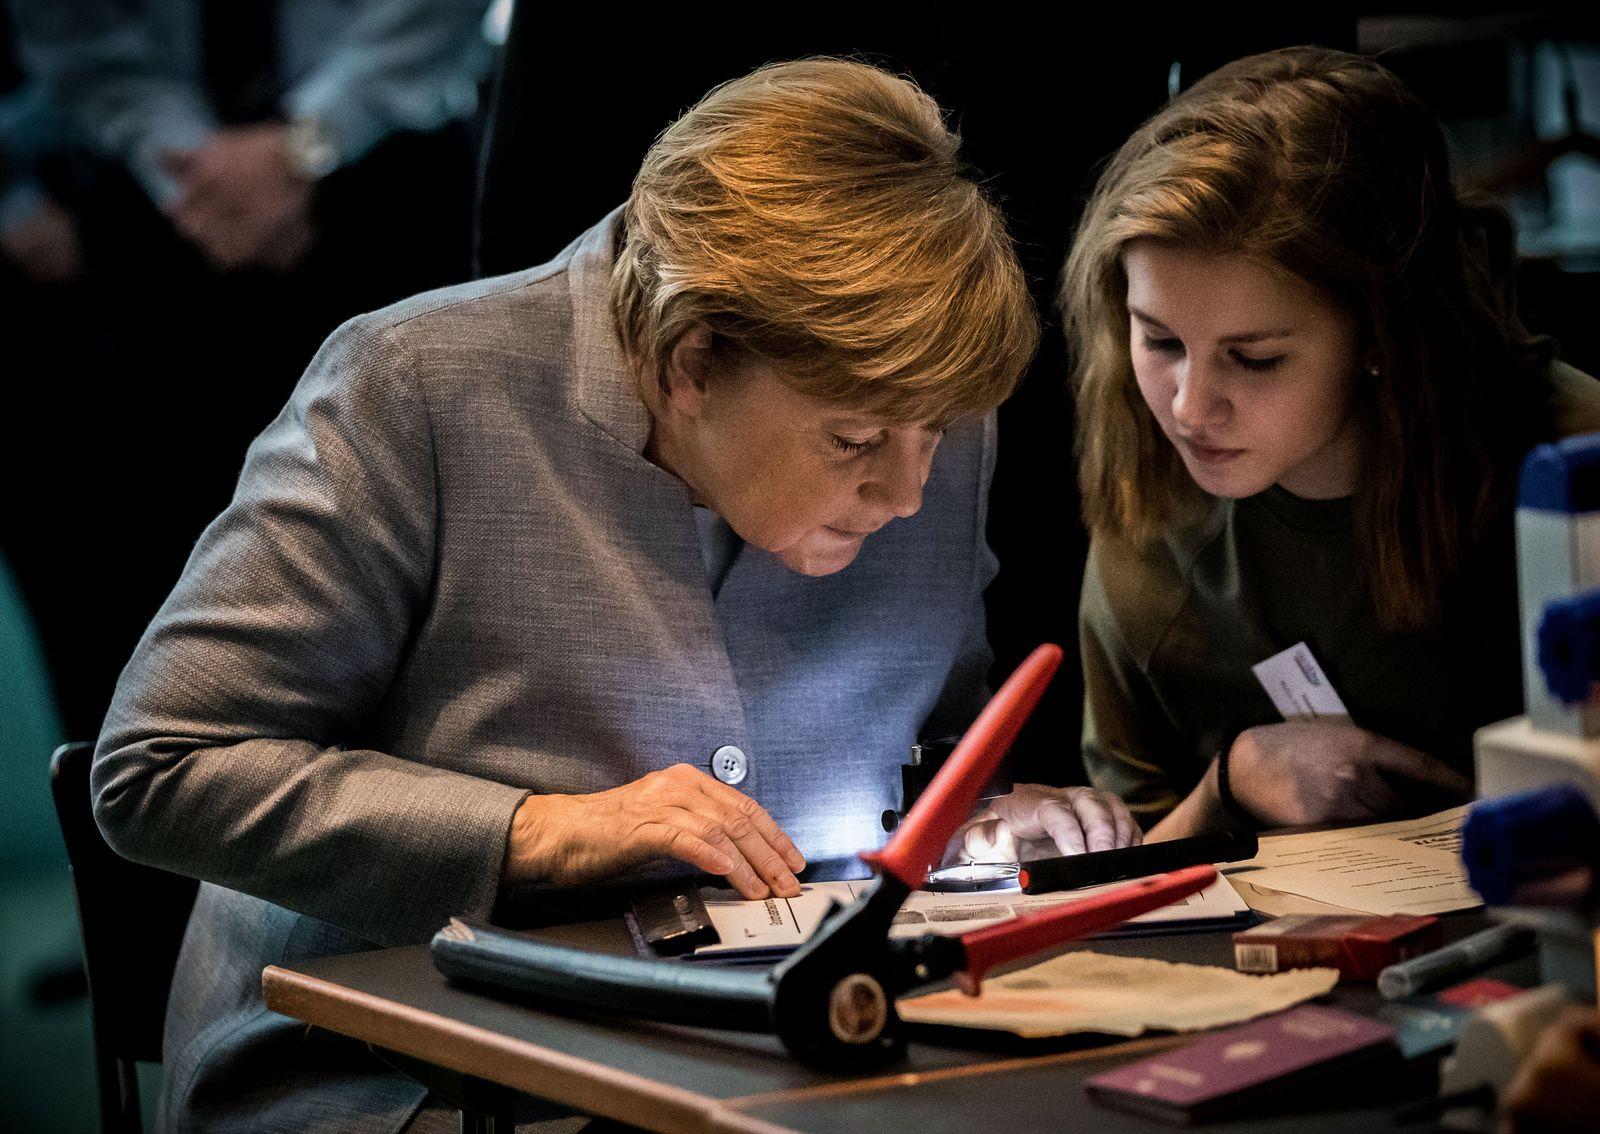 Angela Merkel Girls Day